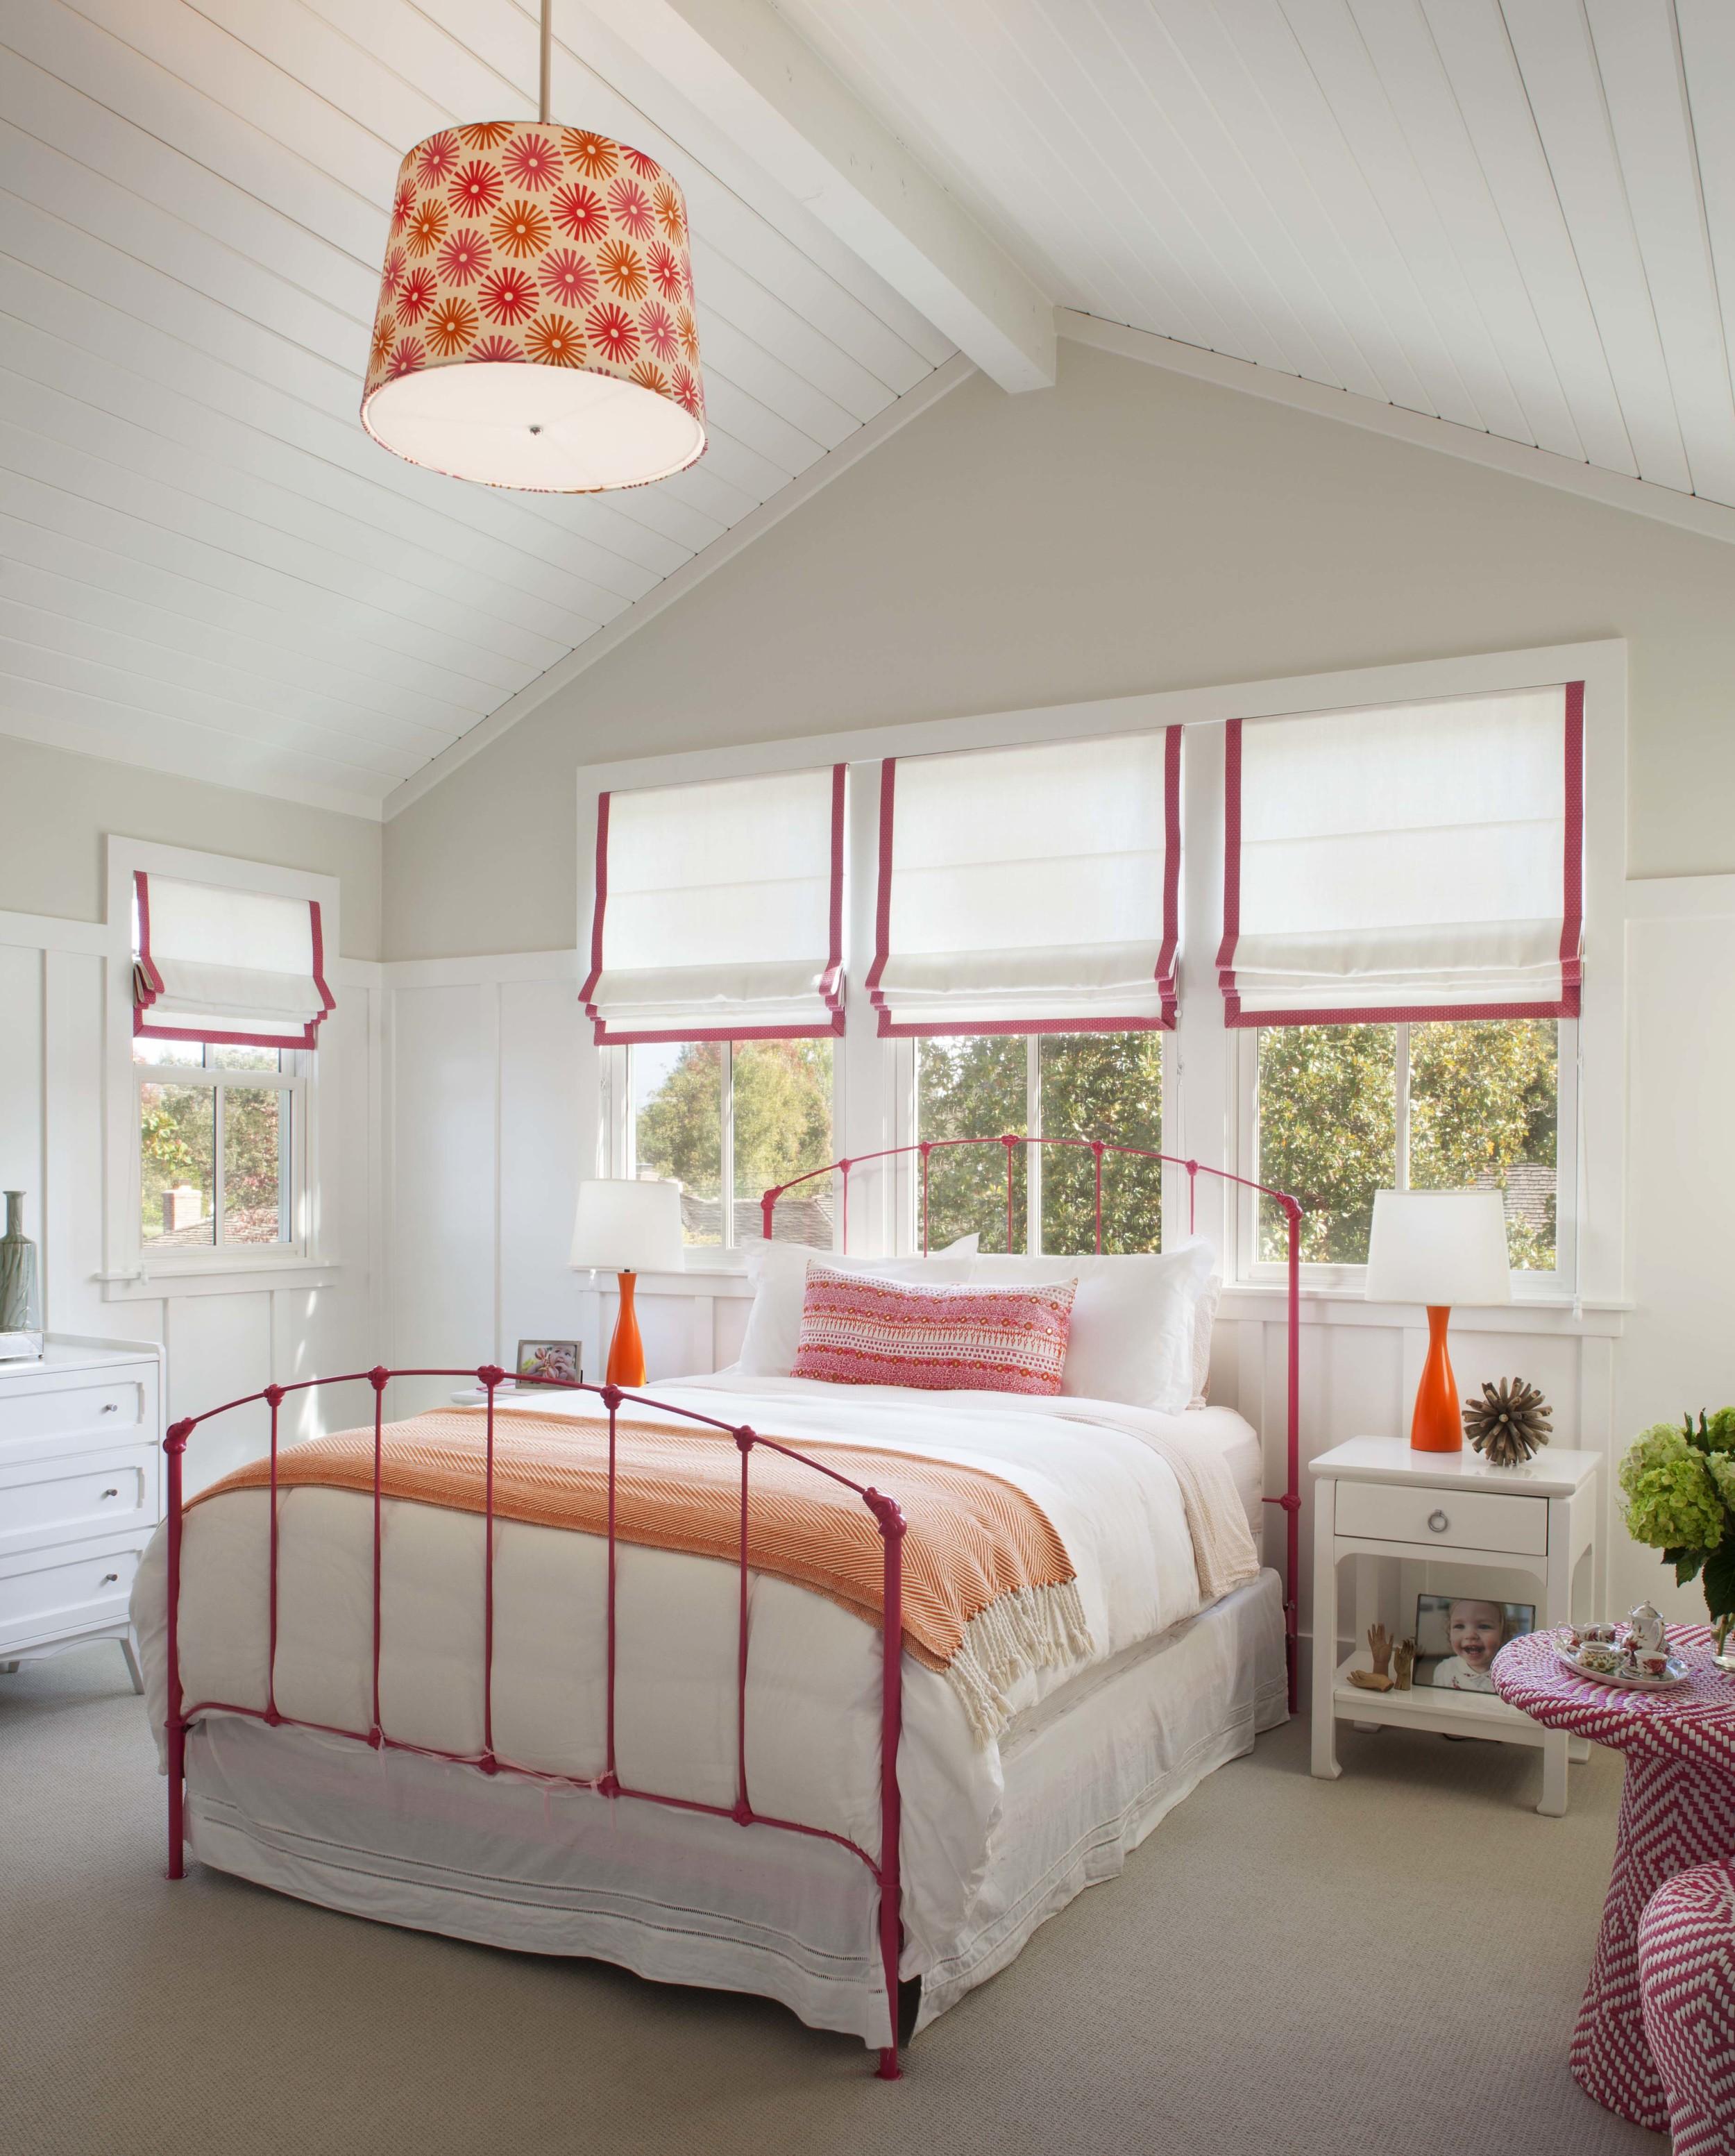 Modern Farmhouse: Girl's room